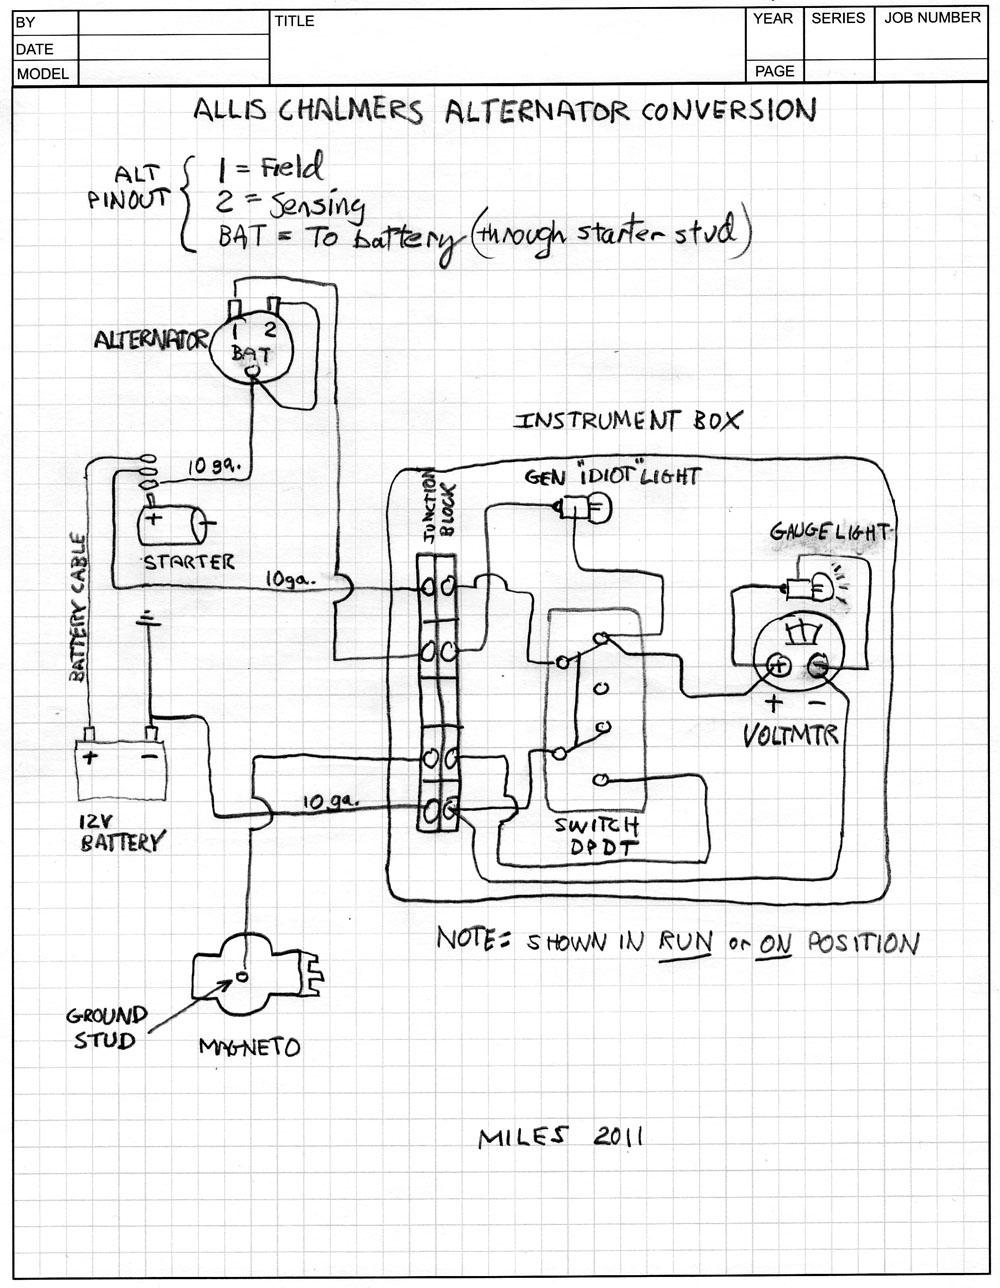 Admirable Kubota Rtv 900 Wiring Diagram Kubota Rtv 900 Service Manual Pdf Wiring Digital Resources Hetepmognl